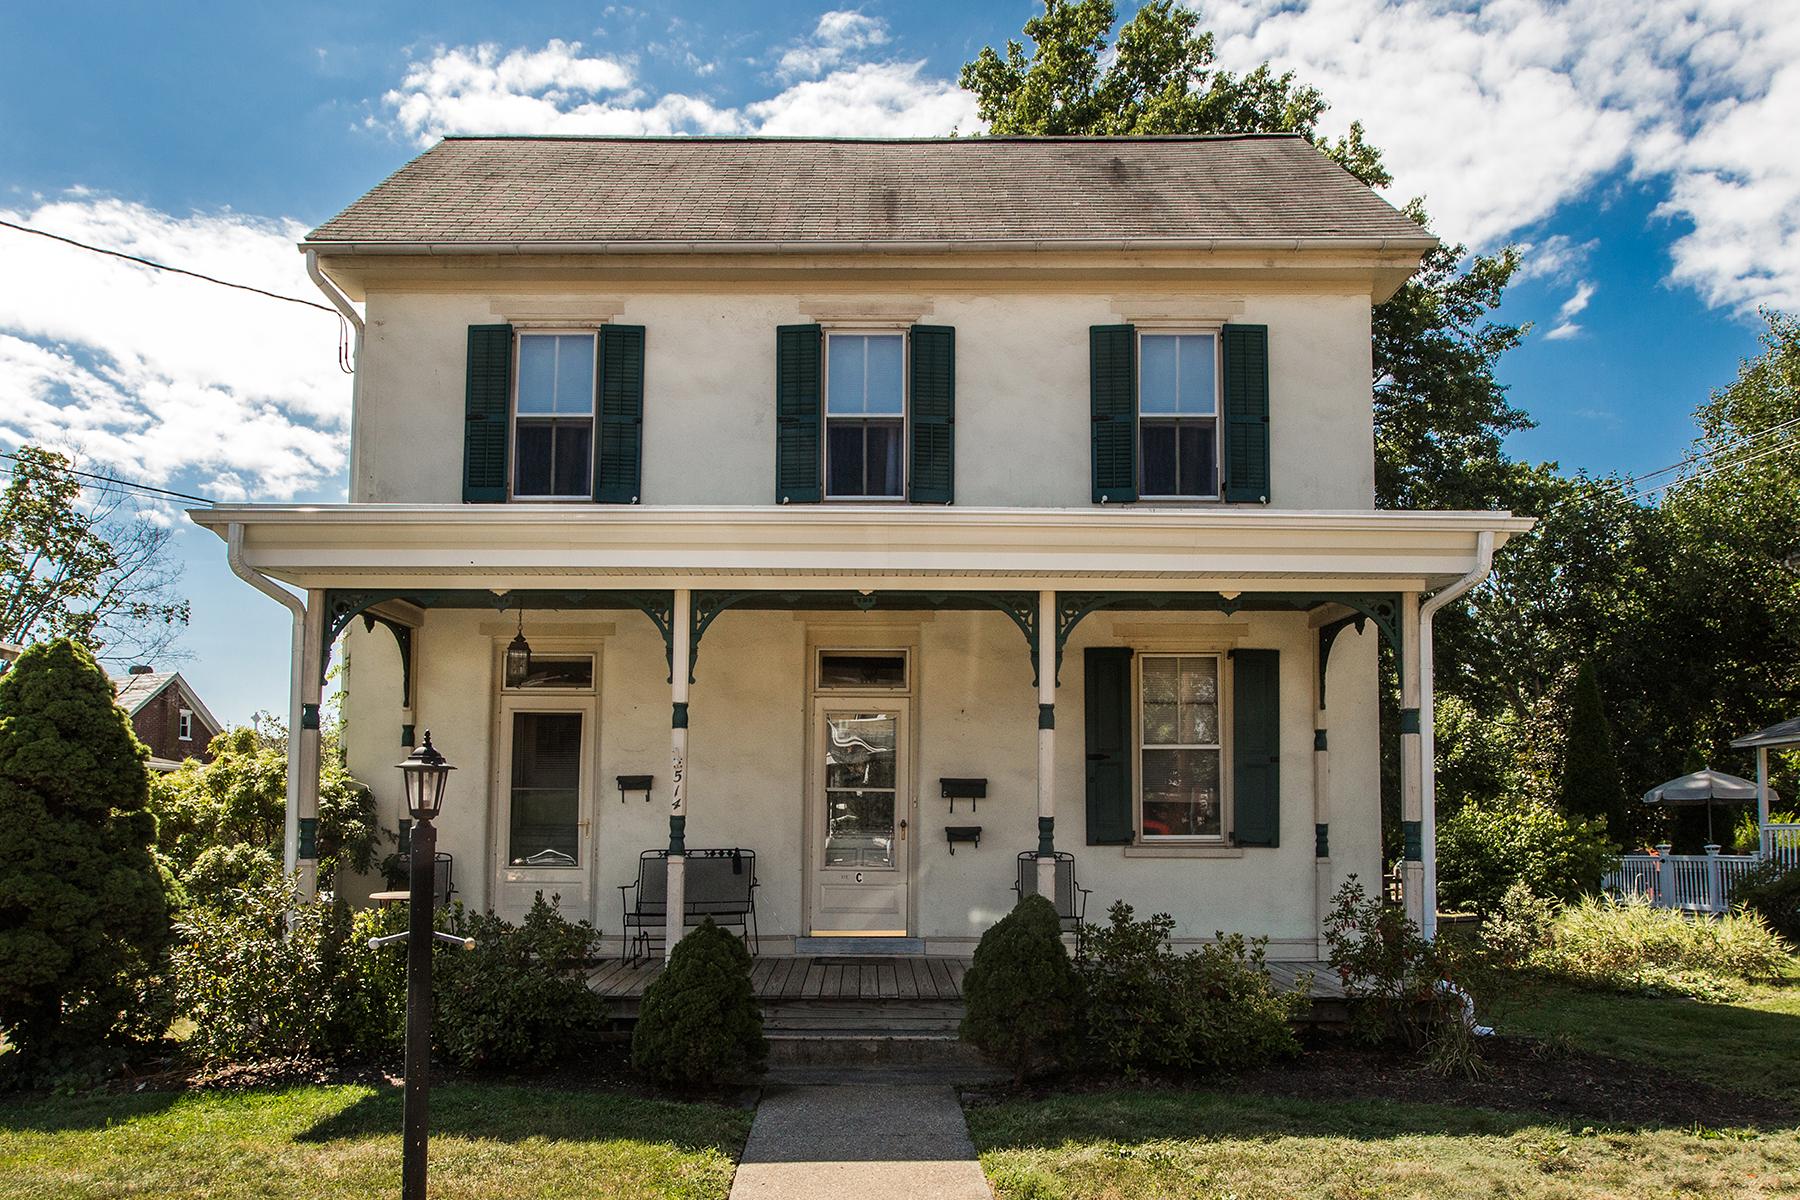 Multi-Family Home for Sale at Perkasie, PA 514 W Market Street Perkasie, Pennsylvania, 18944 United States